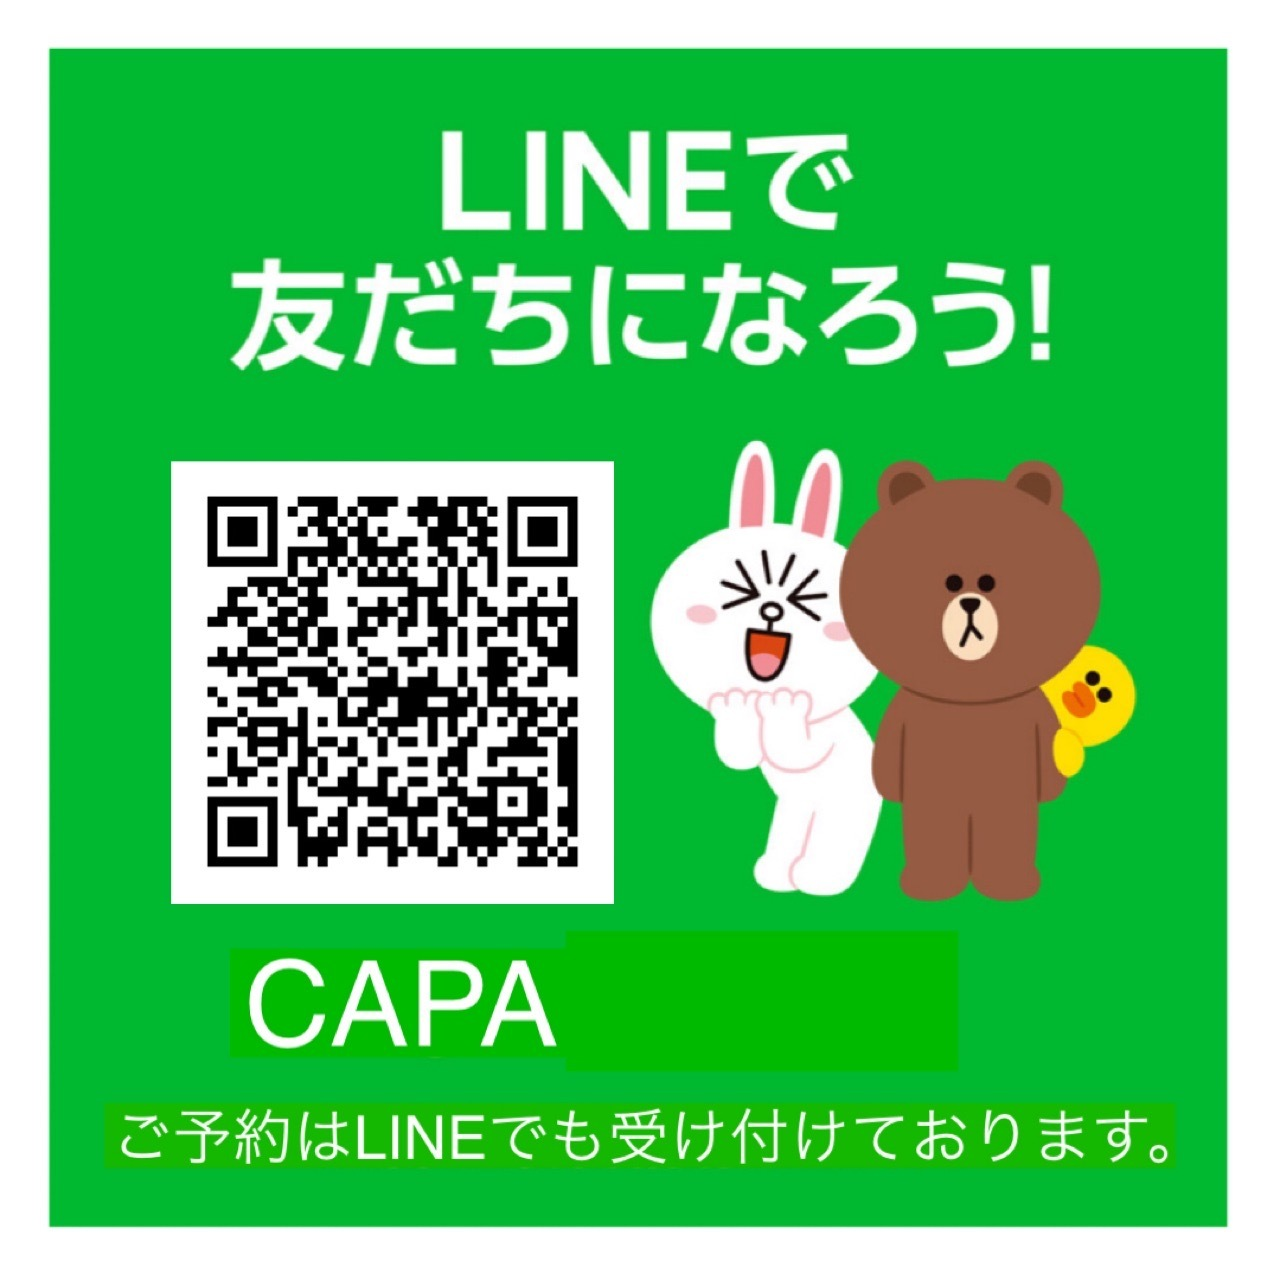 CAPA LINE公式アカウント お友達募集中!